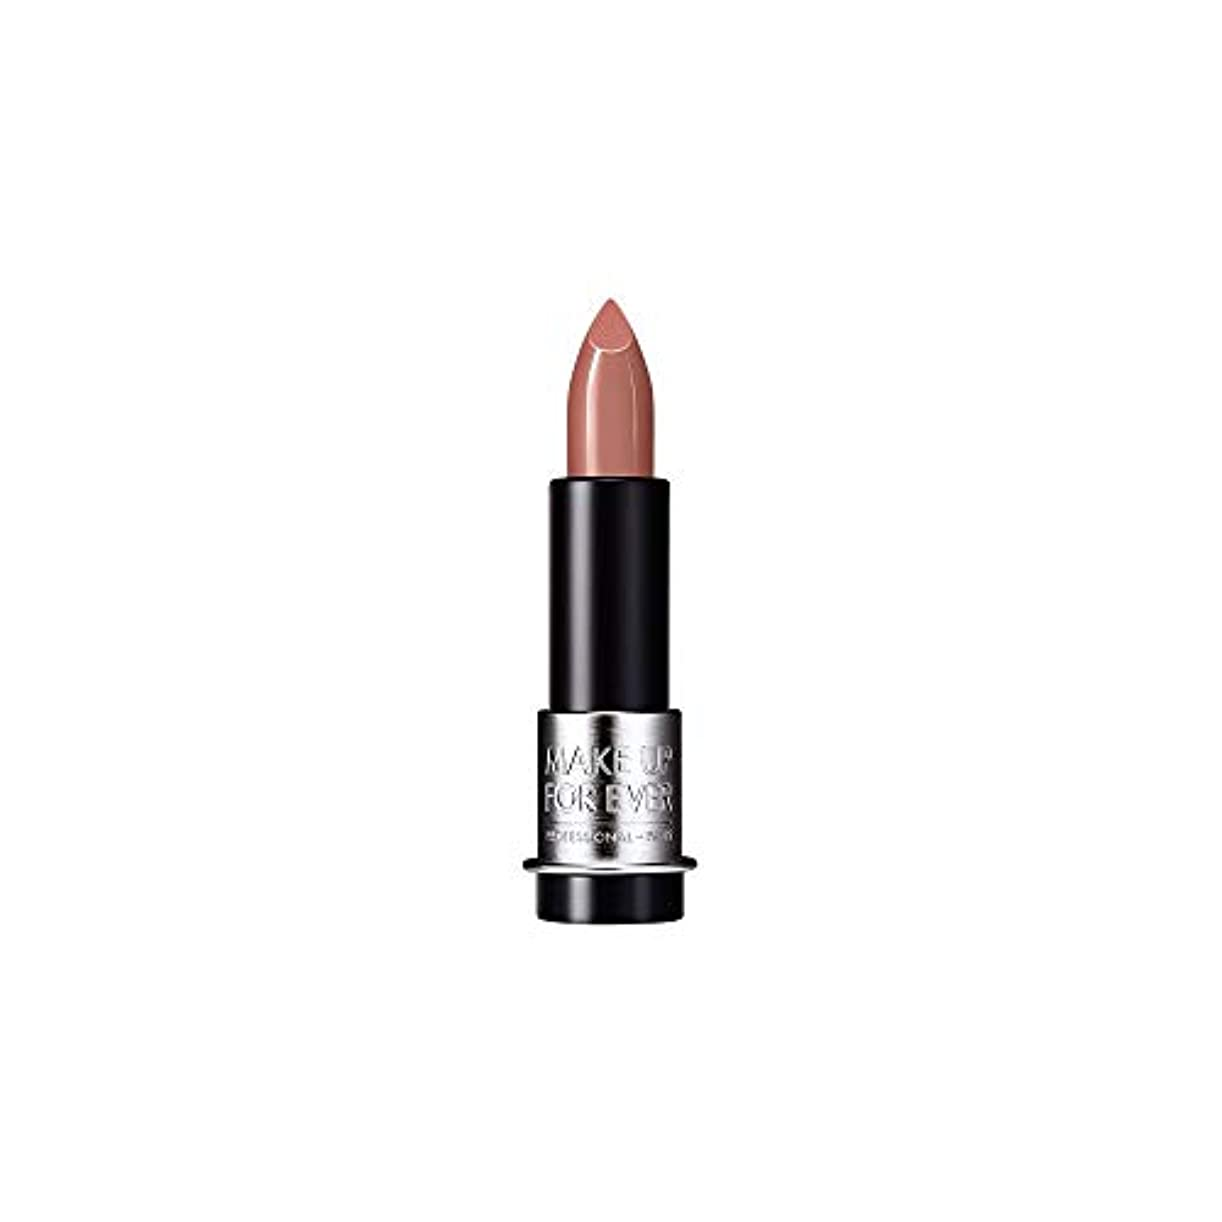 目的パターン習熟度[MAKE UP FOR EVER] キャラメルベージュ - これまでアーティストルージュマット口紅3.5グラムのM101を補います - MAKE UP FOR EVER Artist Rouge Mat Lipstick 3.5g M101 - Caramel Beige [並行輸入品]